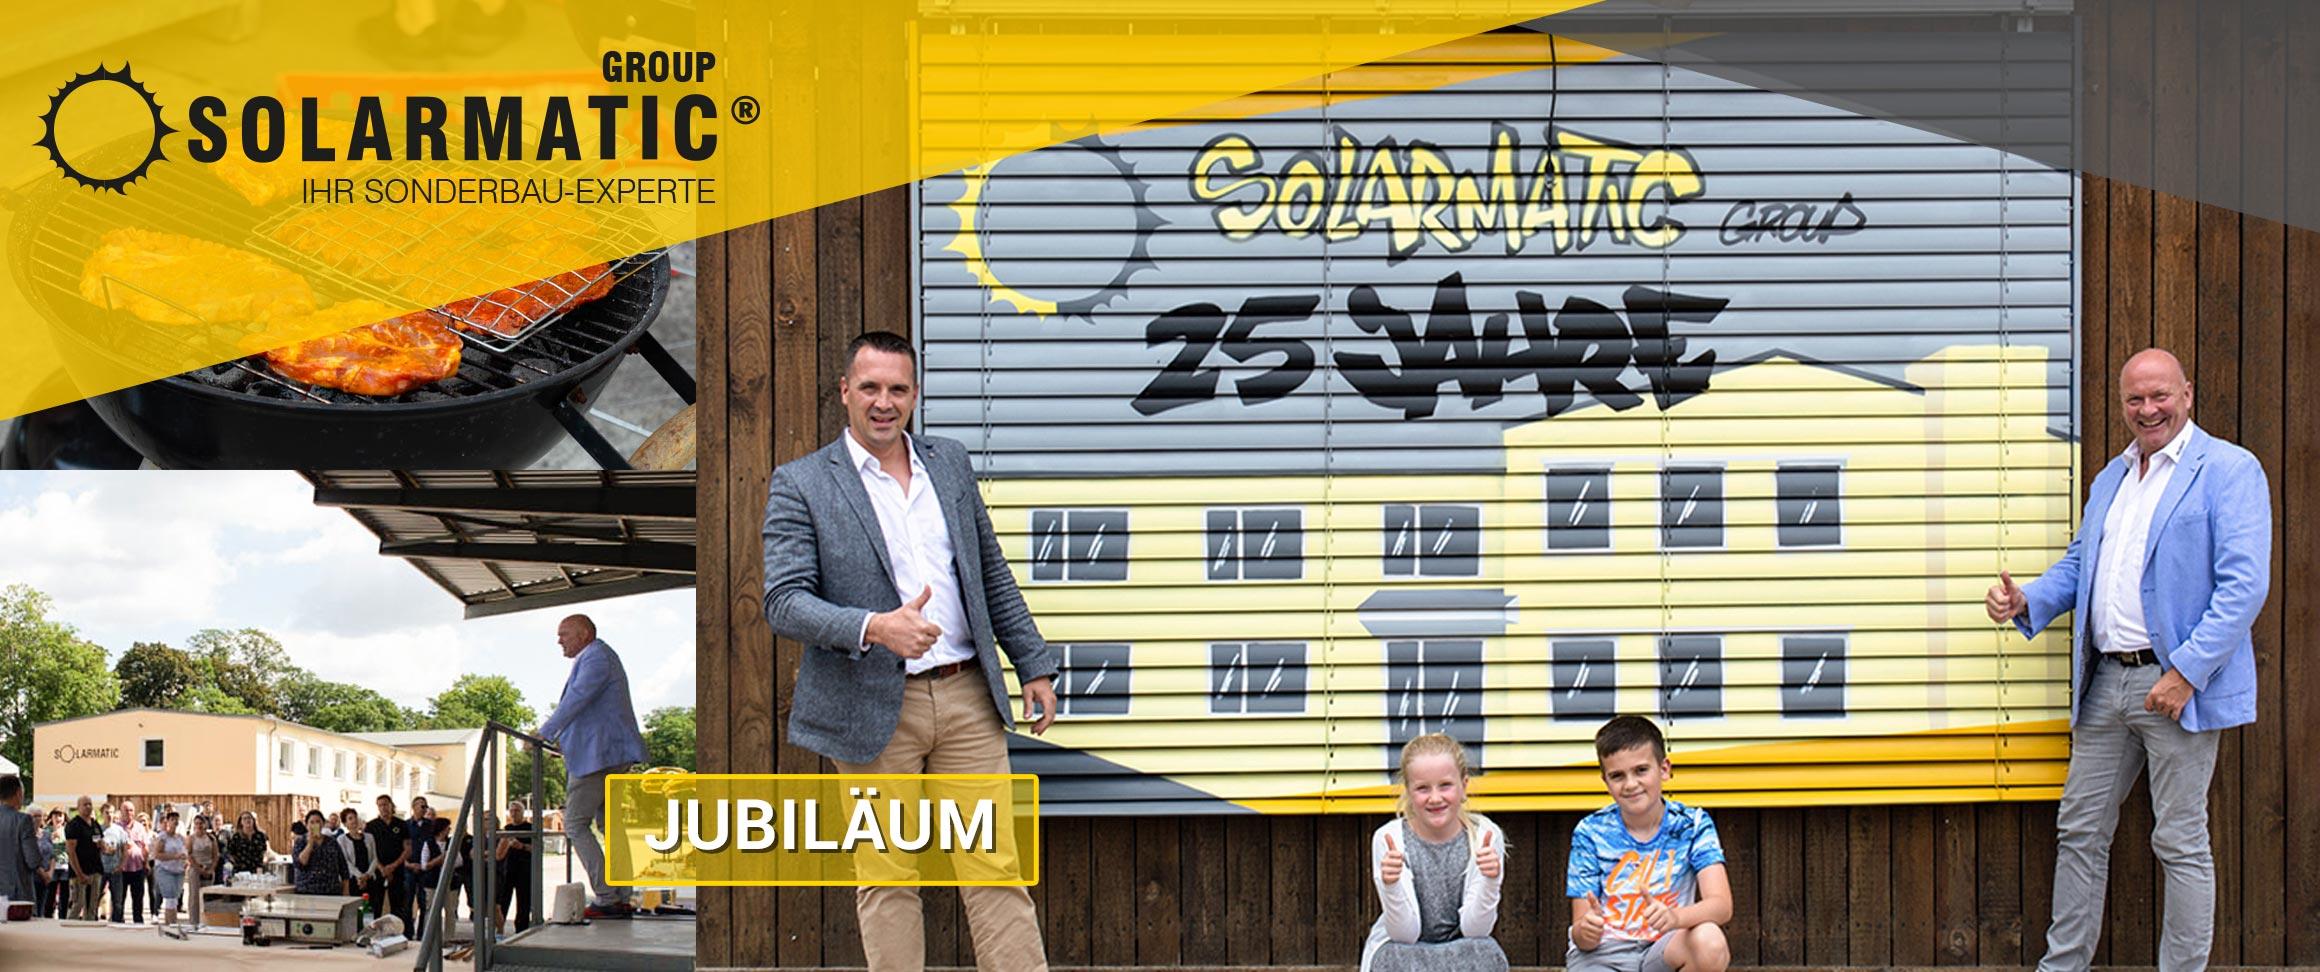 SOLARMATIC feiert sein 25-jähriges Firmenjubiläum